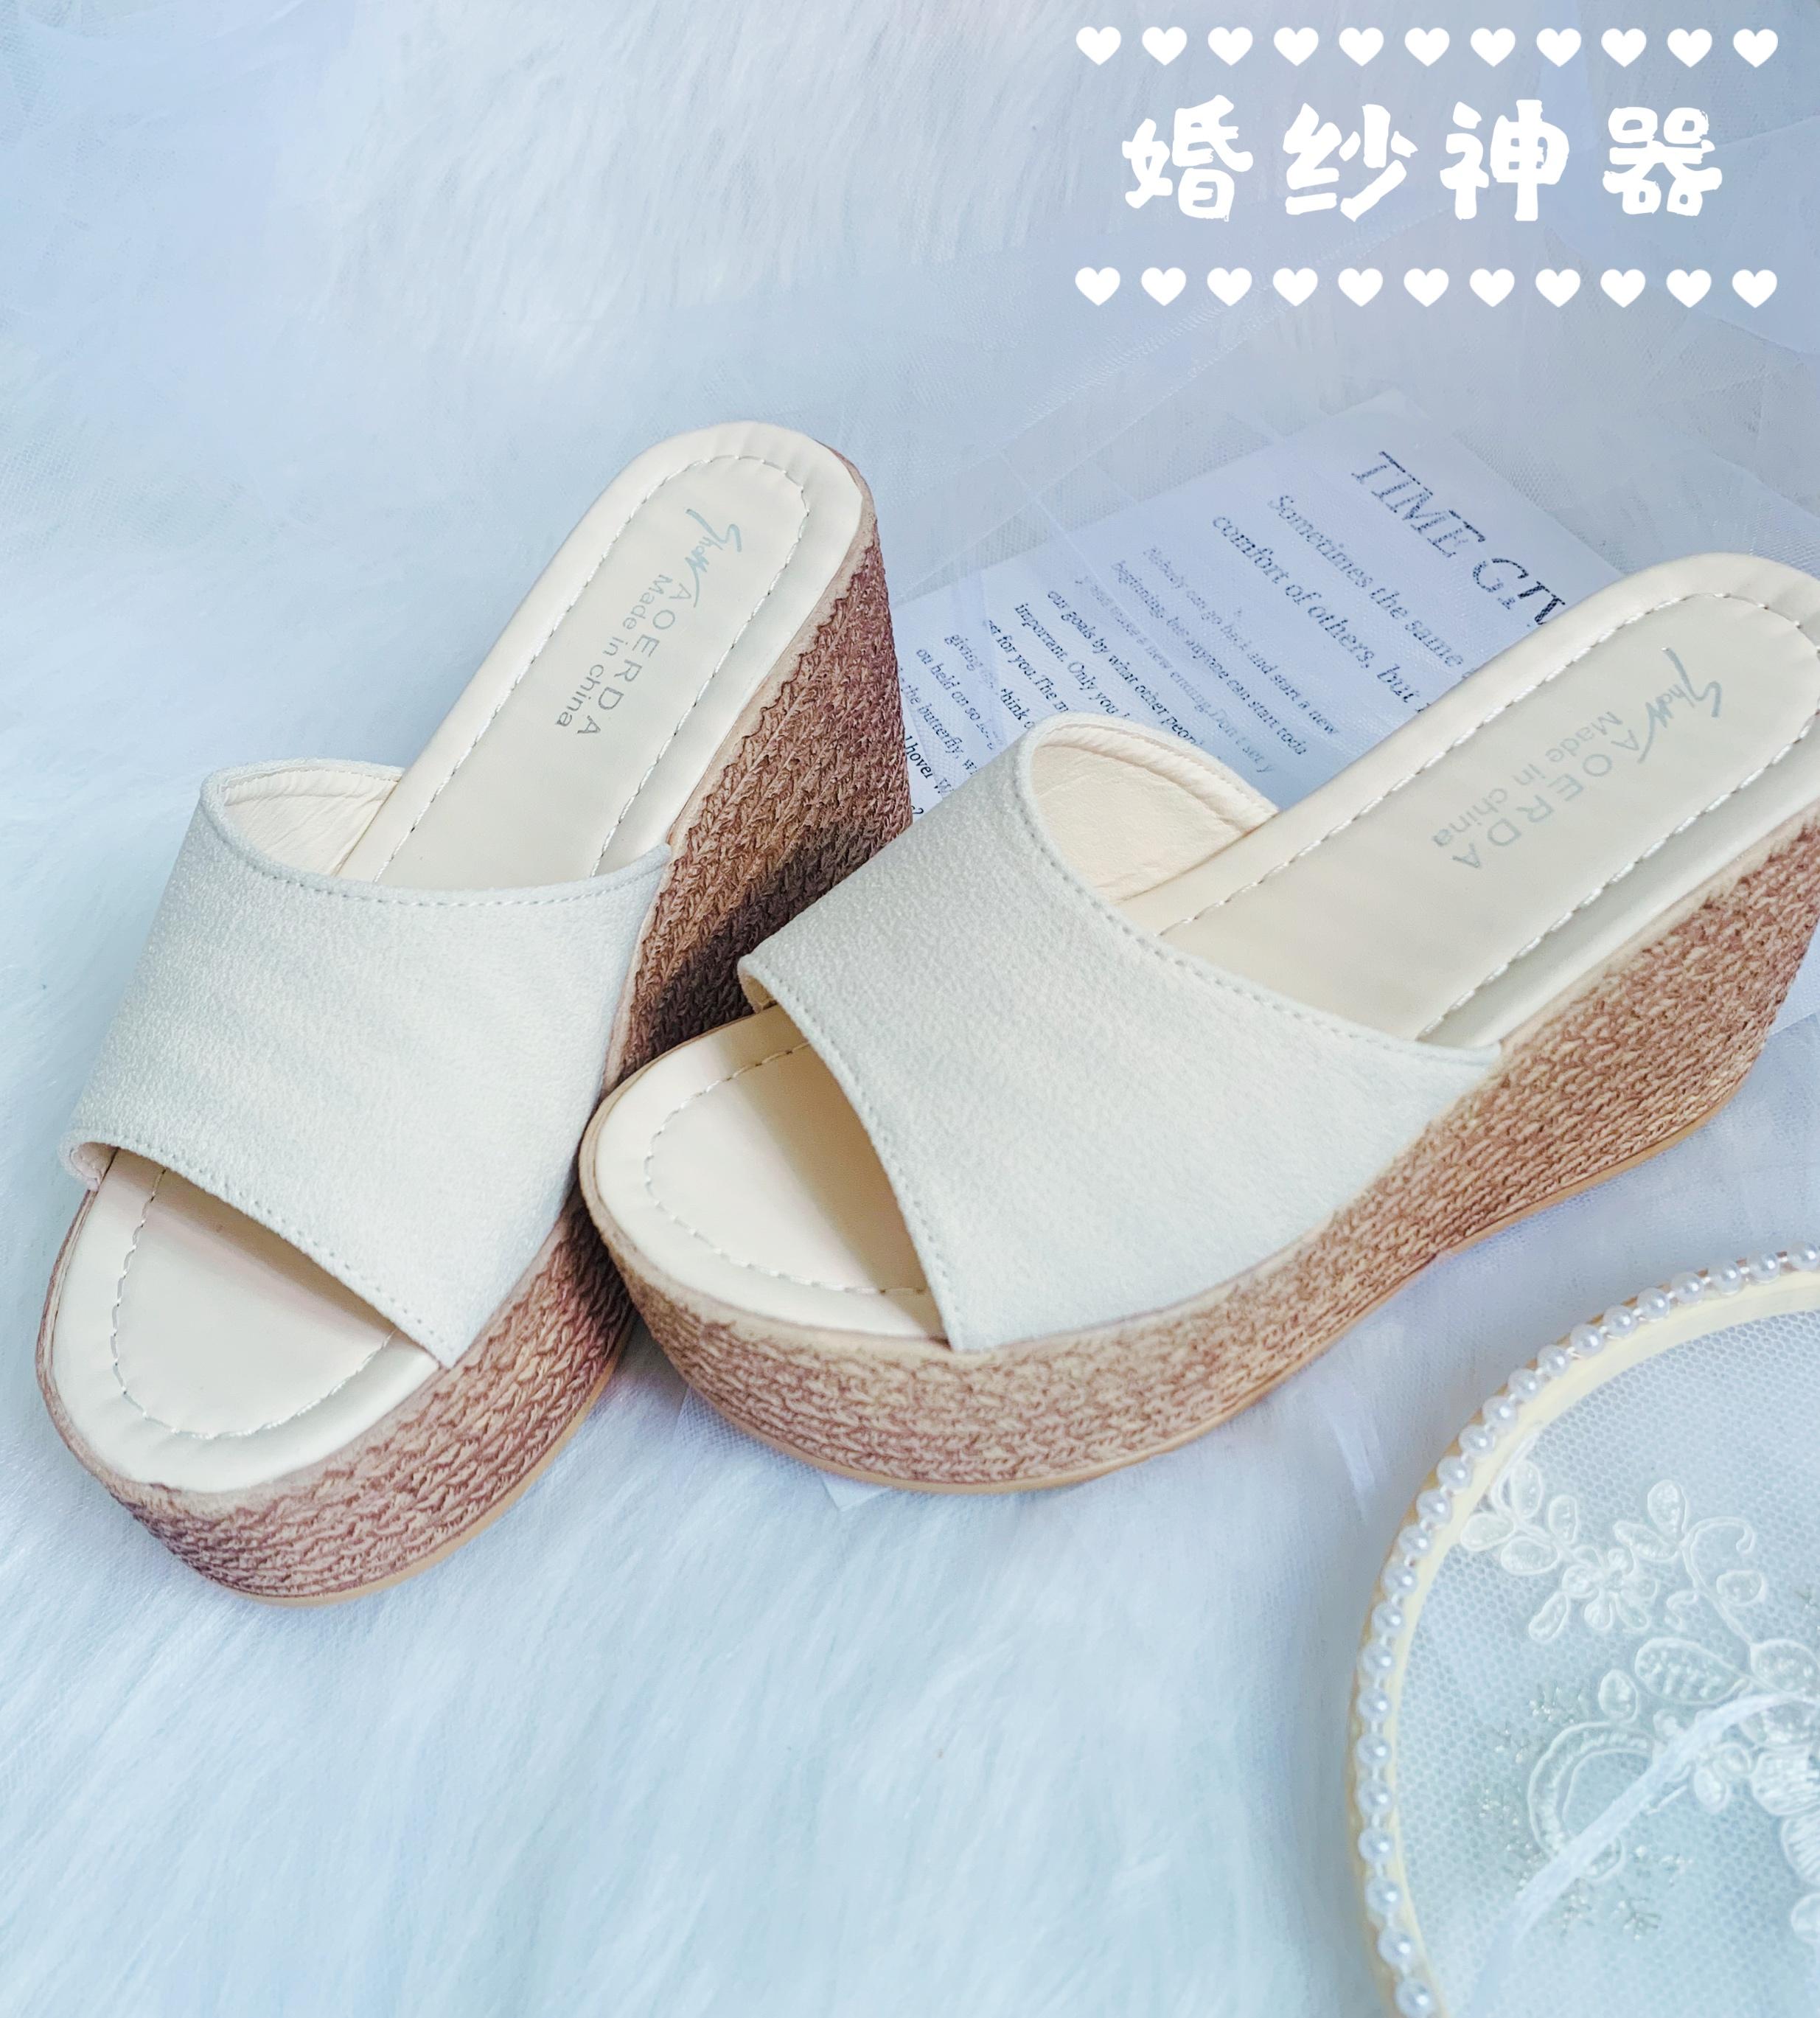 白色松糕鞋 婚纱神器 新娘厚底增高拍婚纱照婚礼单品白色松糕高跟鞋9cm_推荐淘宝好看的白色松糕鞋